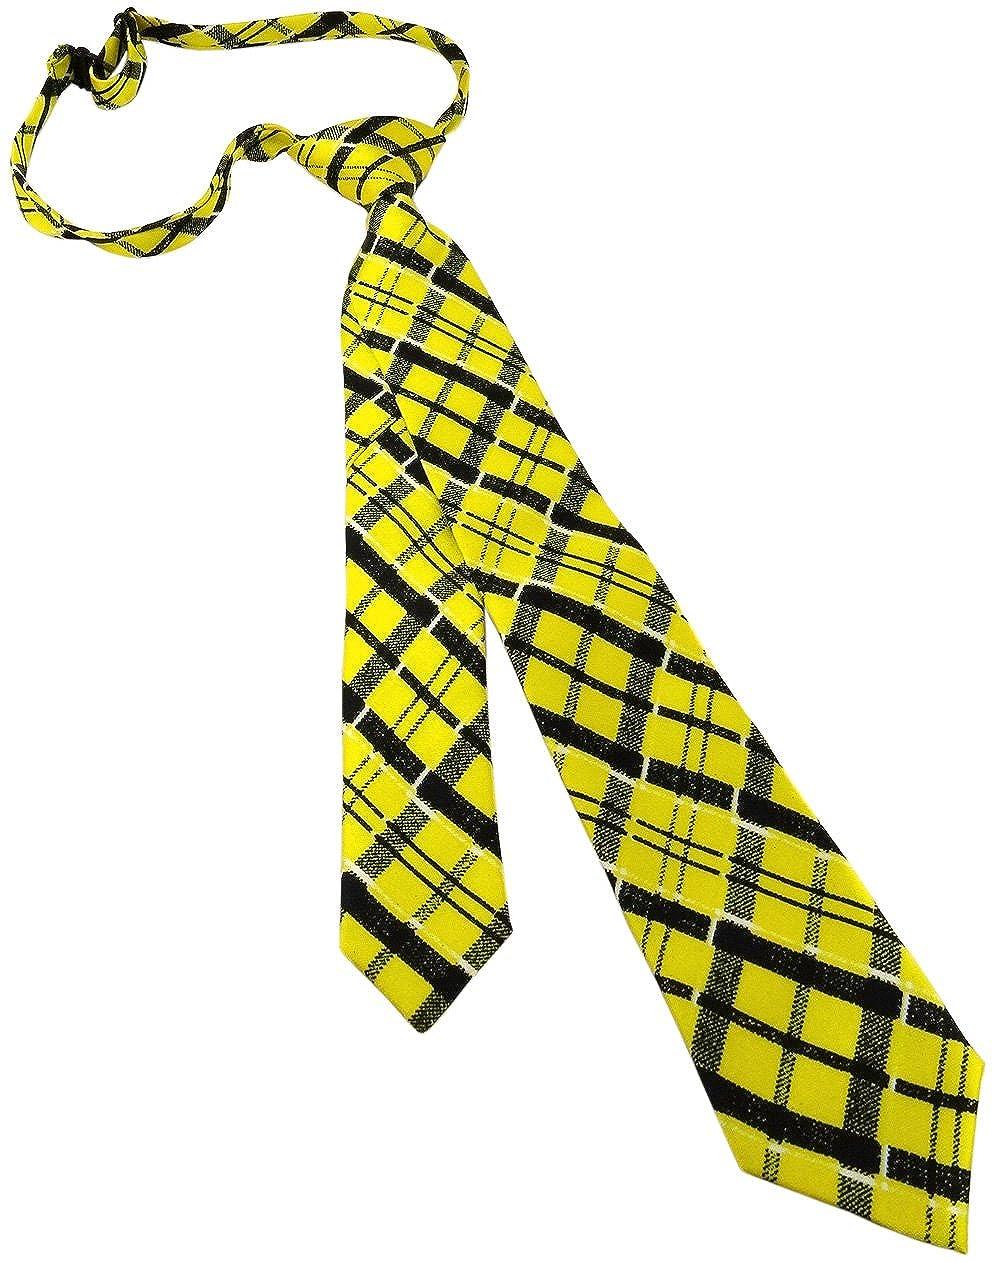 Schmale leichte vorgebundene Kinderkrawatte in gelb schwarz weiss kariert